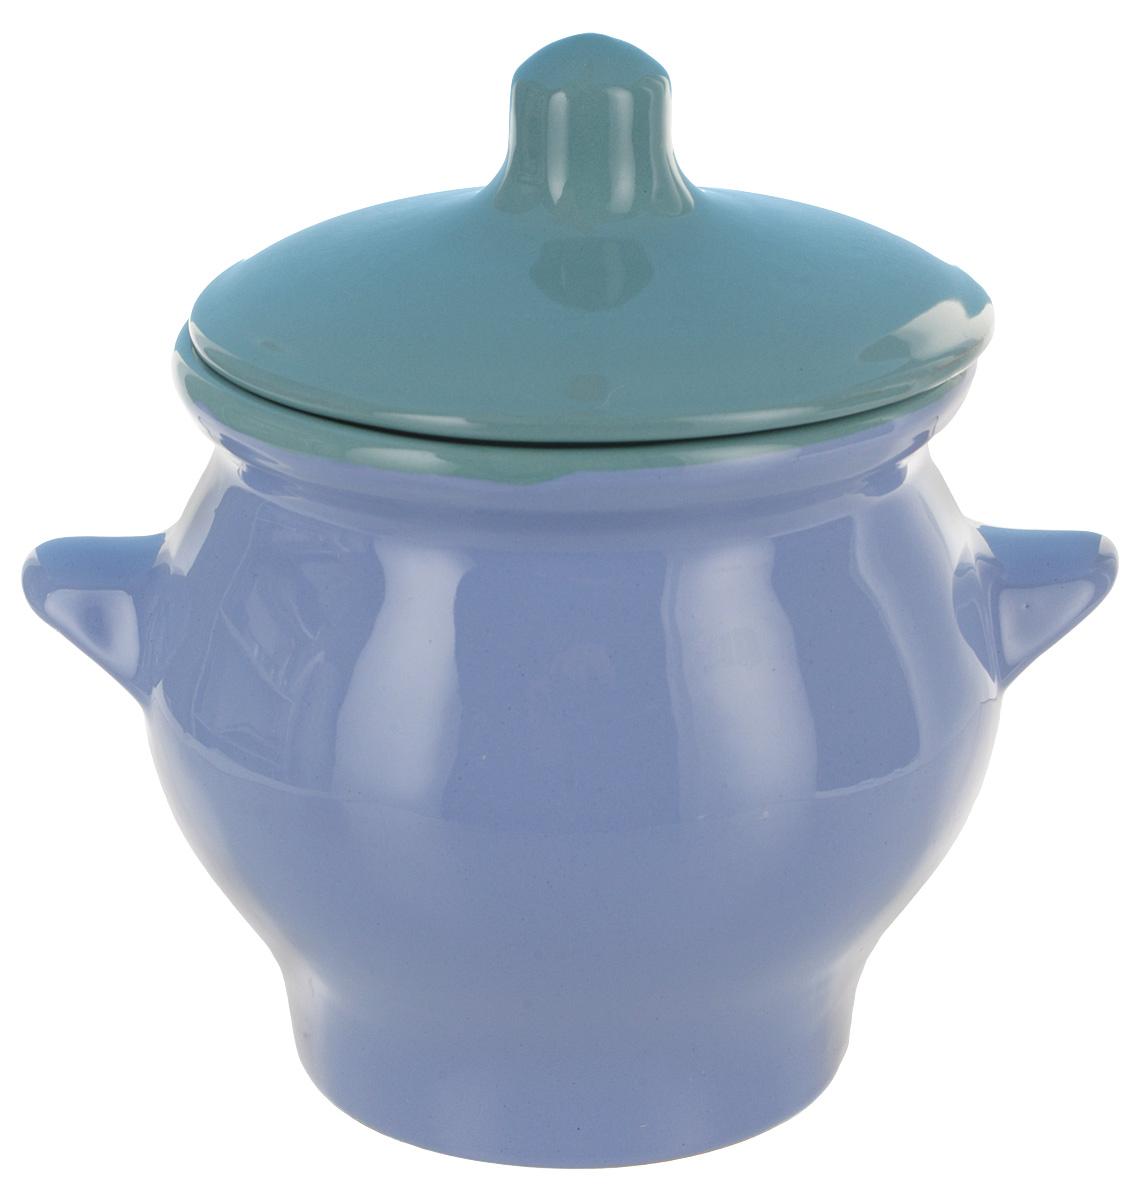 Горшок для жаркого Борисовская керамика Радуга, цвет: голубой, бирюзовый, 650 мл розетка для варенья борисовская керамика радуга цвет голубой 200 мл